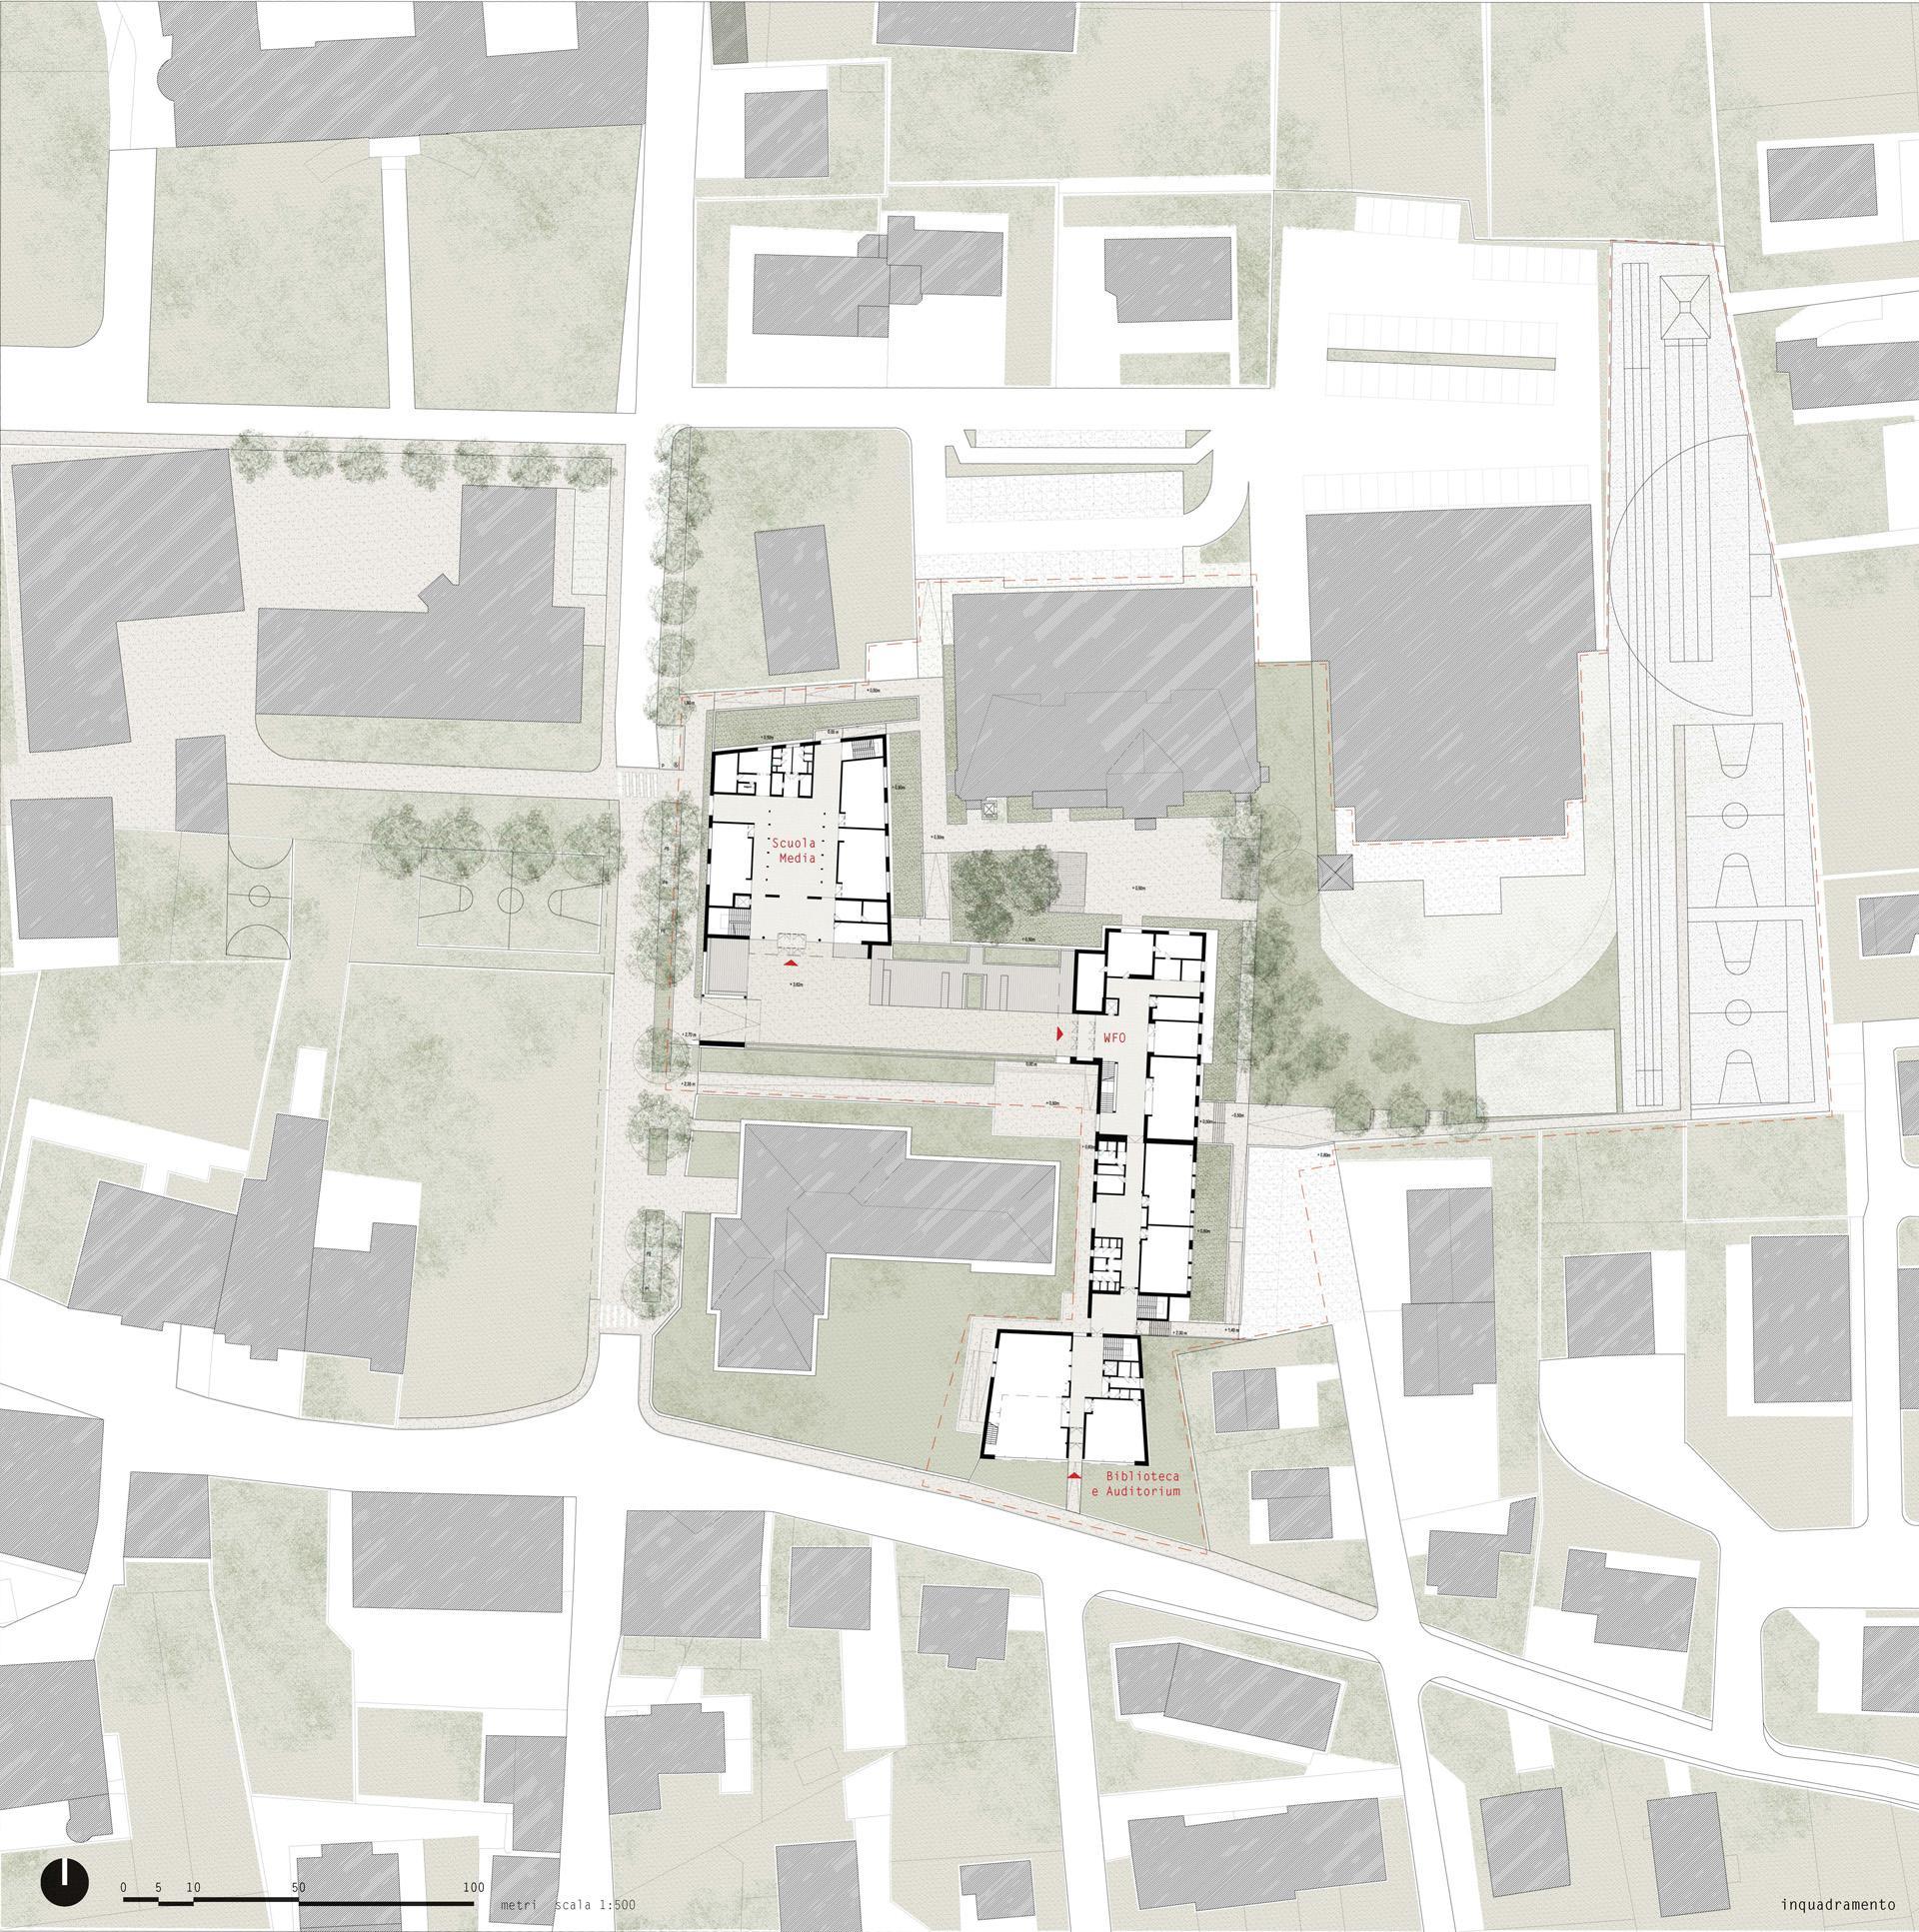 Planimetria generale del Polo scolastico di San Candido